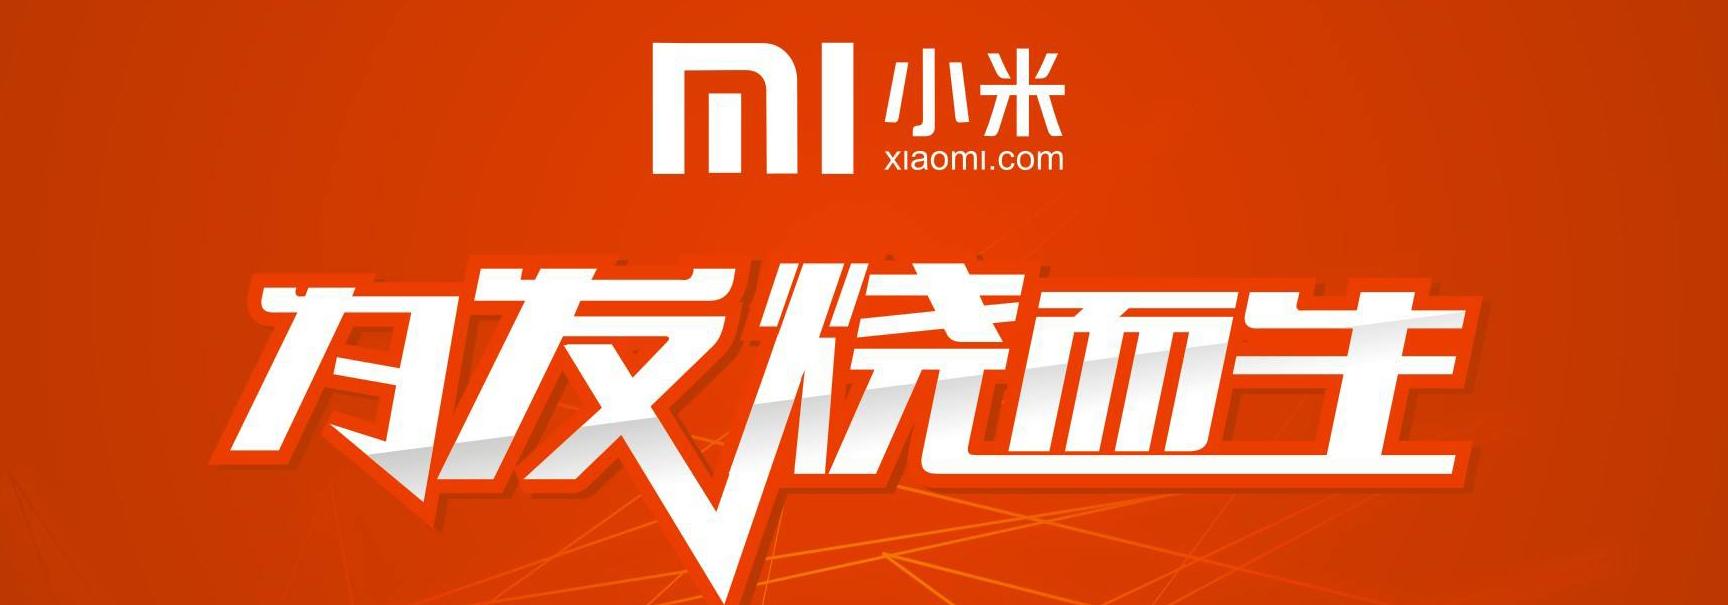 小米将打造游戏手机 它的诞生会改变手机行业的衰退迹象吗?